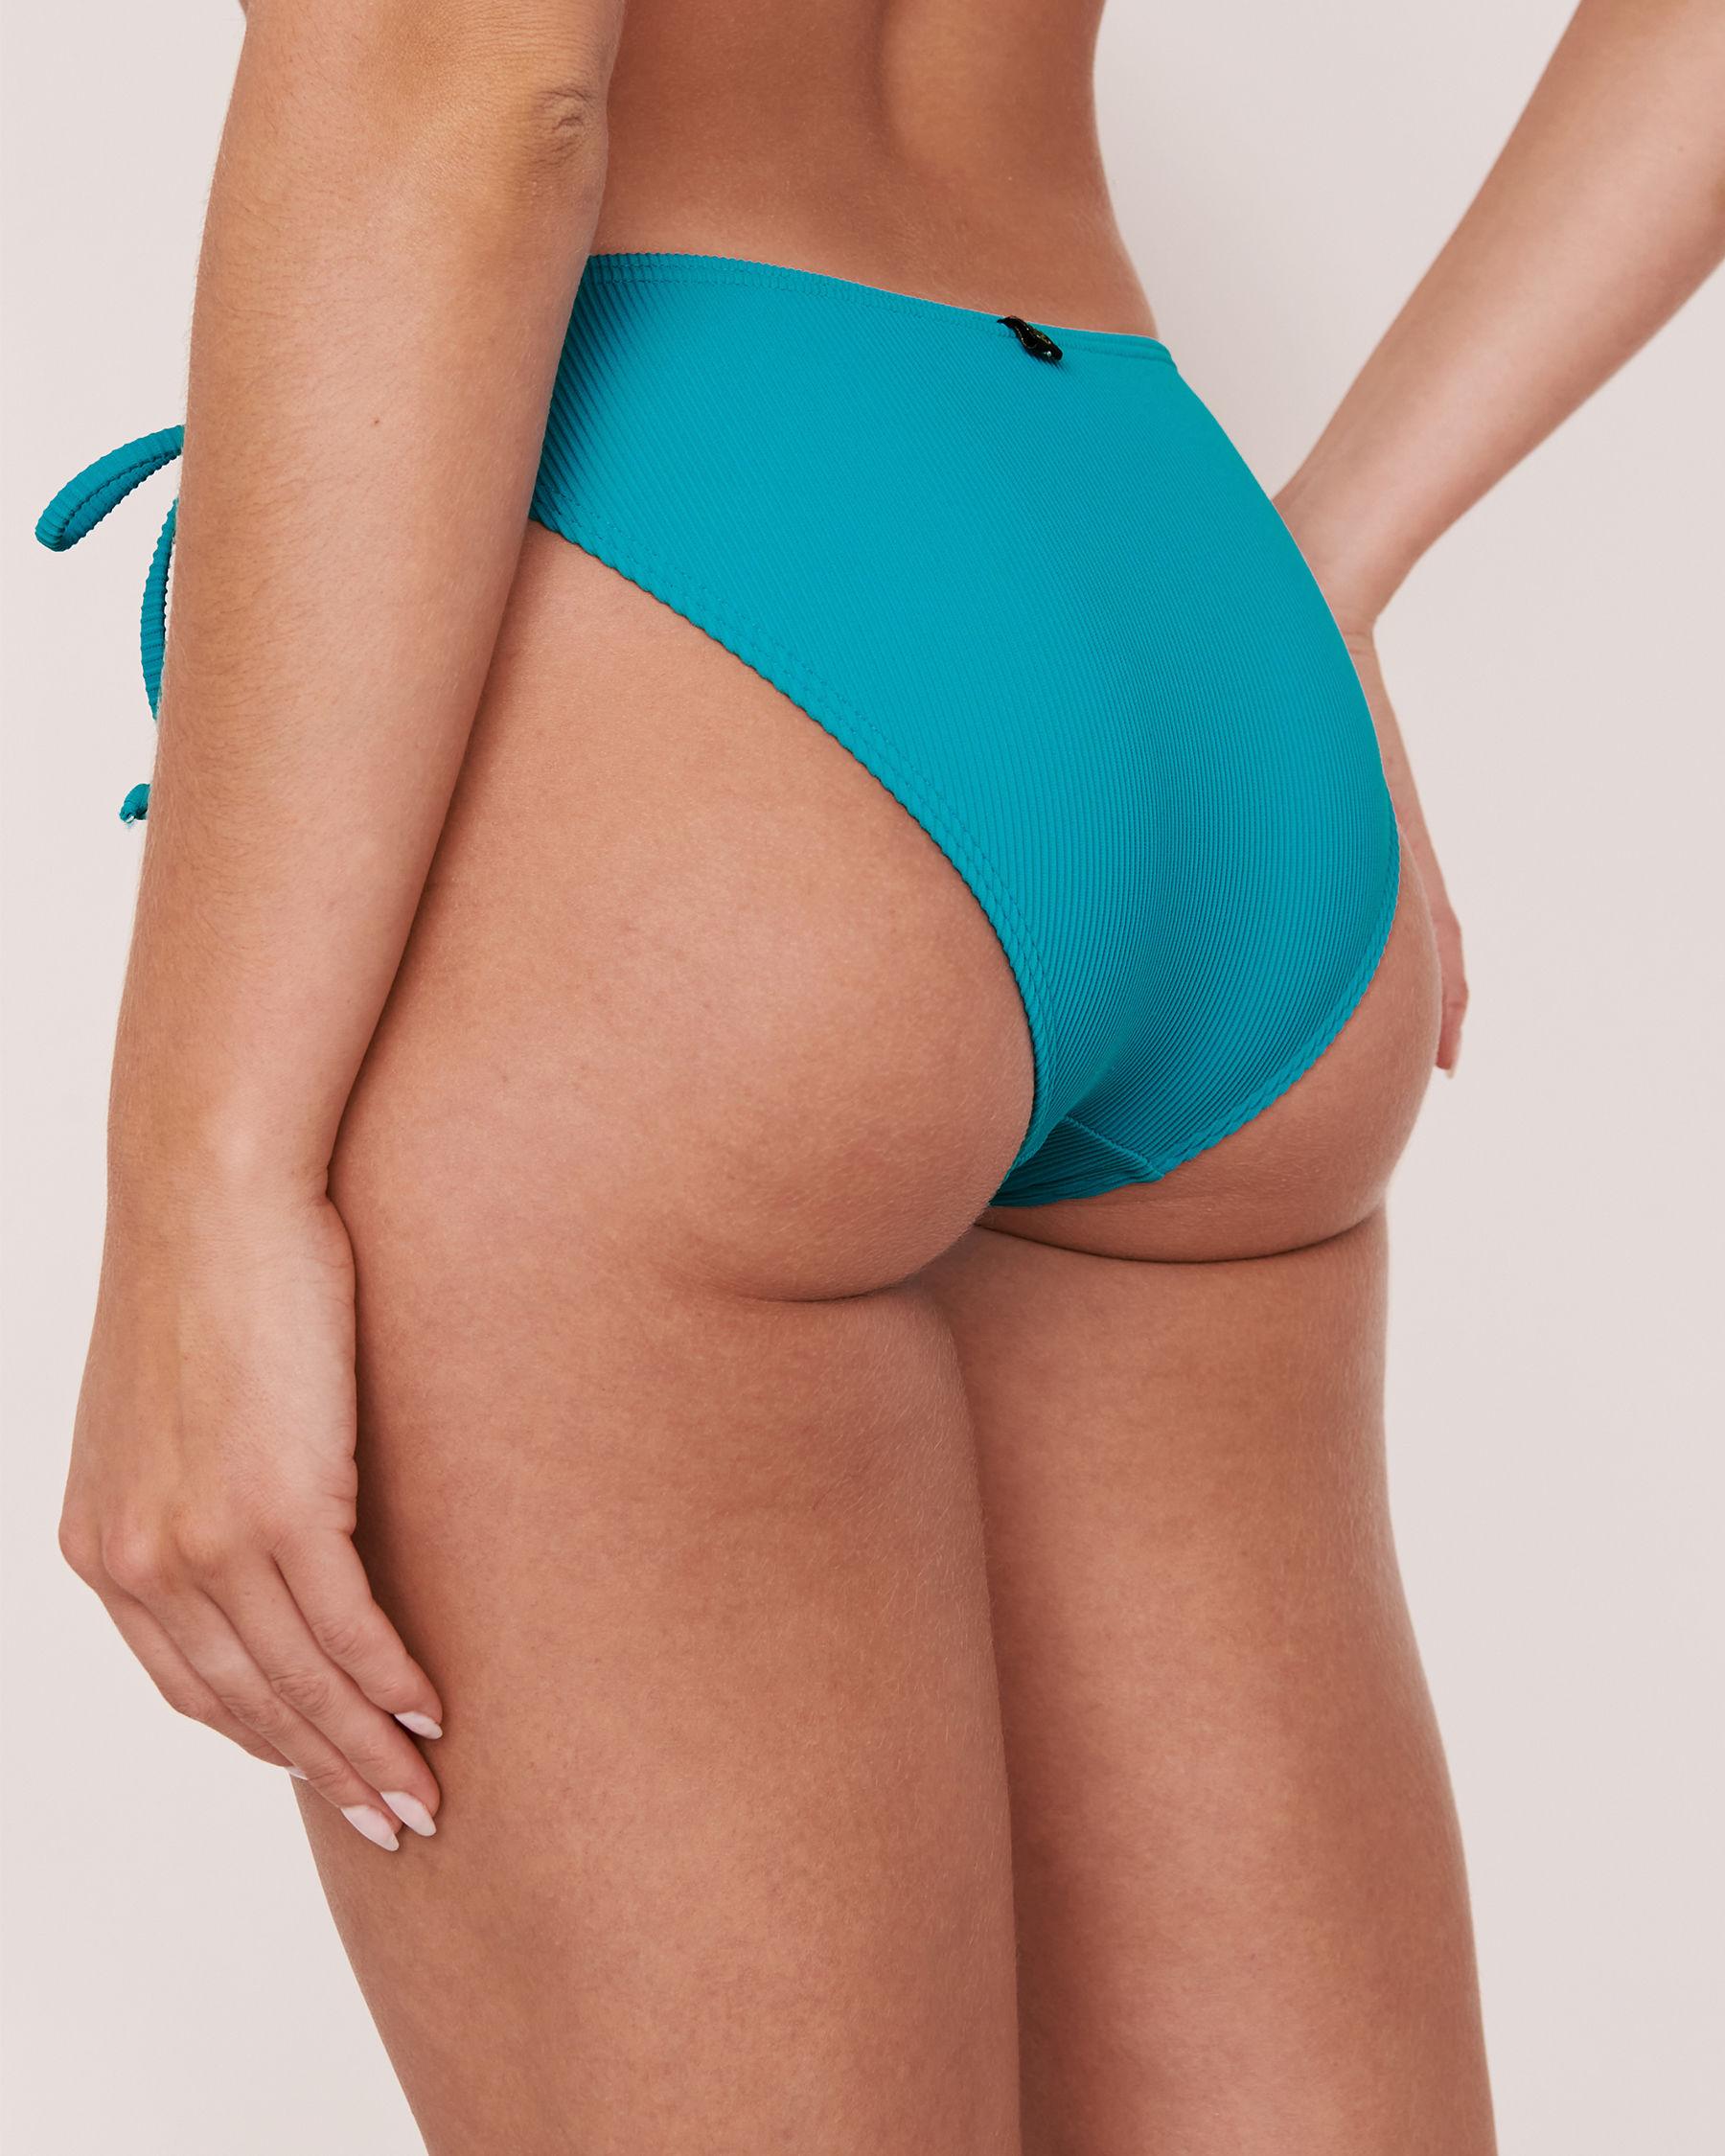 LA VIE EN ROSE AQUA Bas de bikini noué aux hanches en fibres recyclées TOOTSIE RIB Bleu 70300064 - Voir2